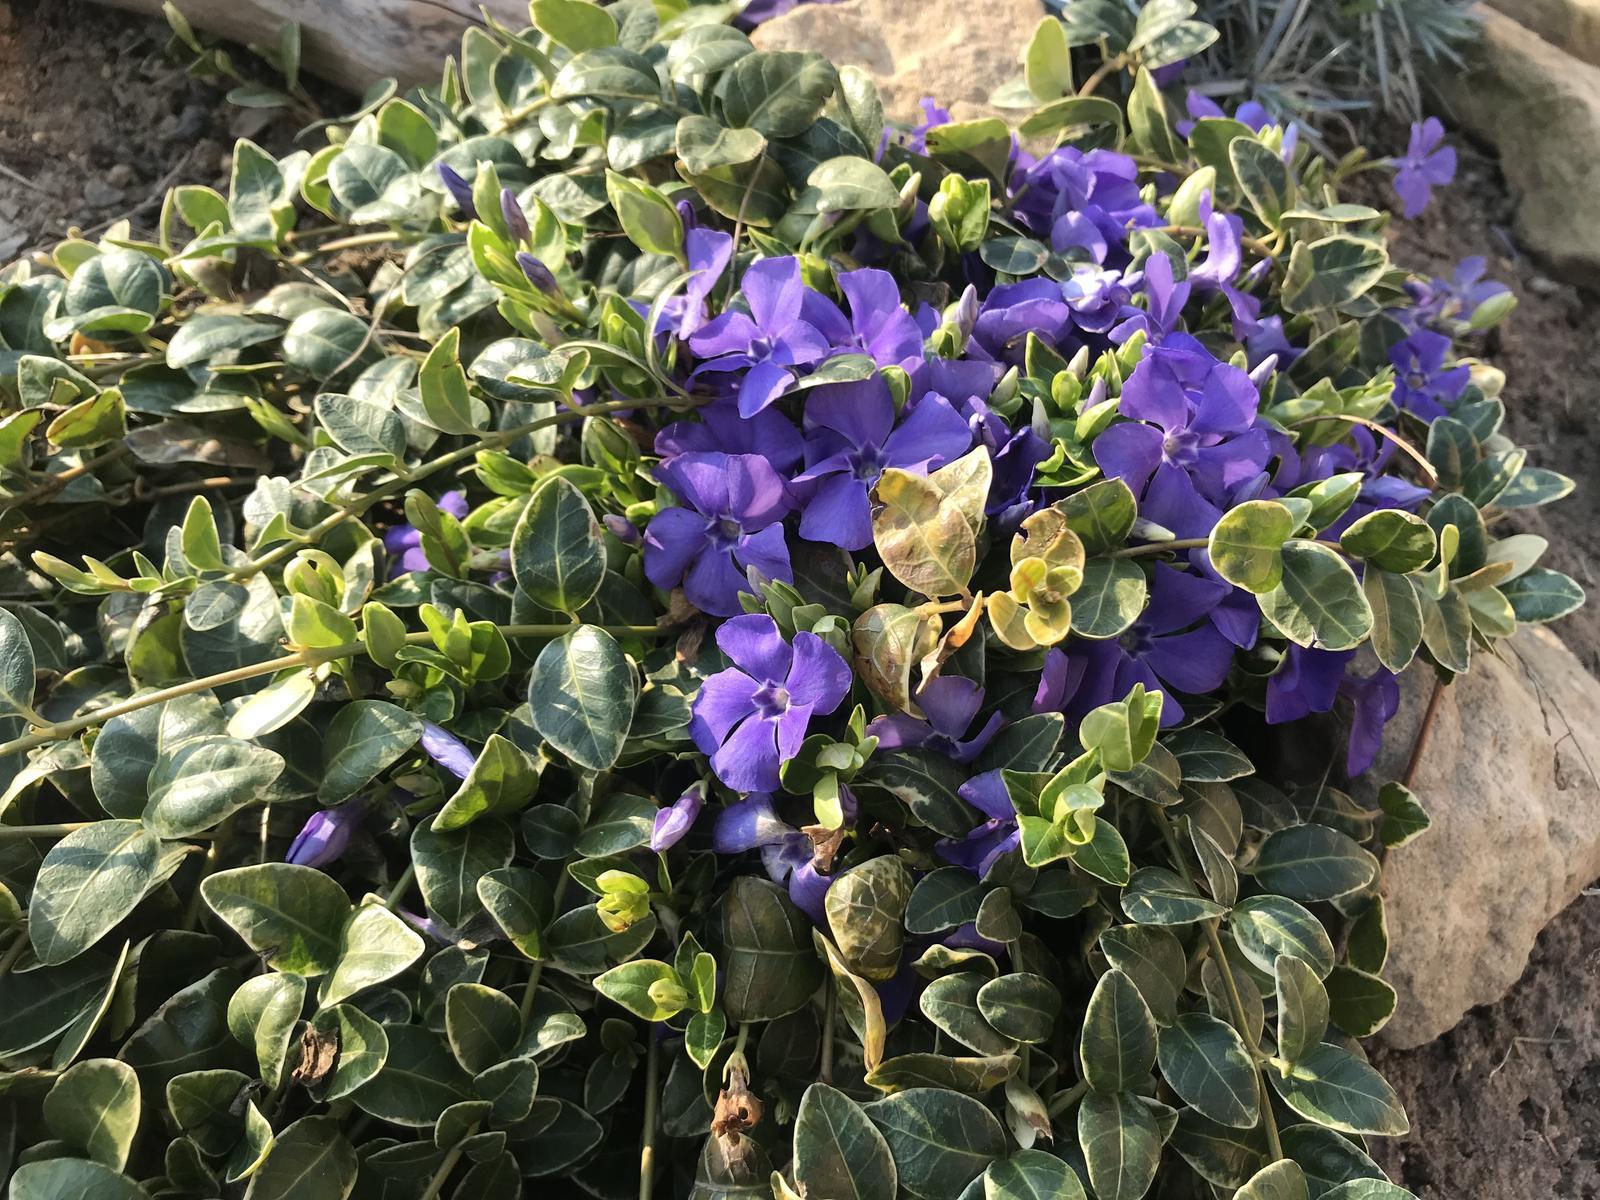 Naše barevná zahrada 🌸 - Barvínky mám různě po zahradě a jak krásně kvetou